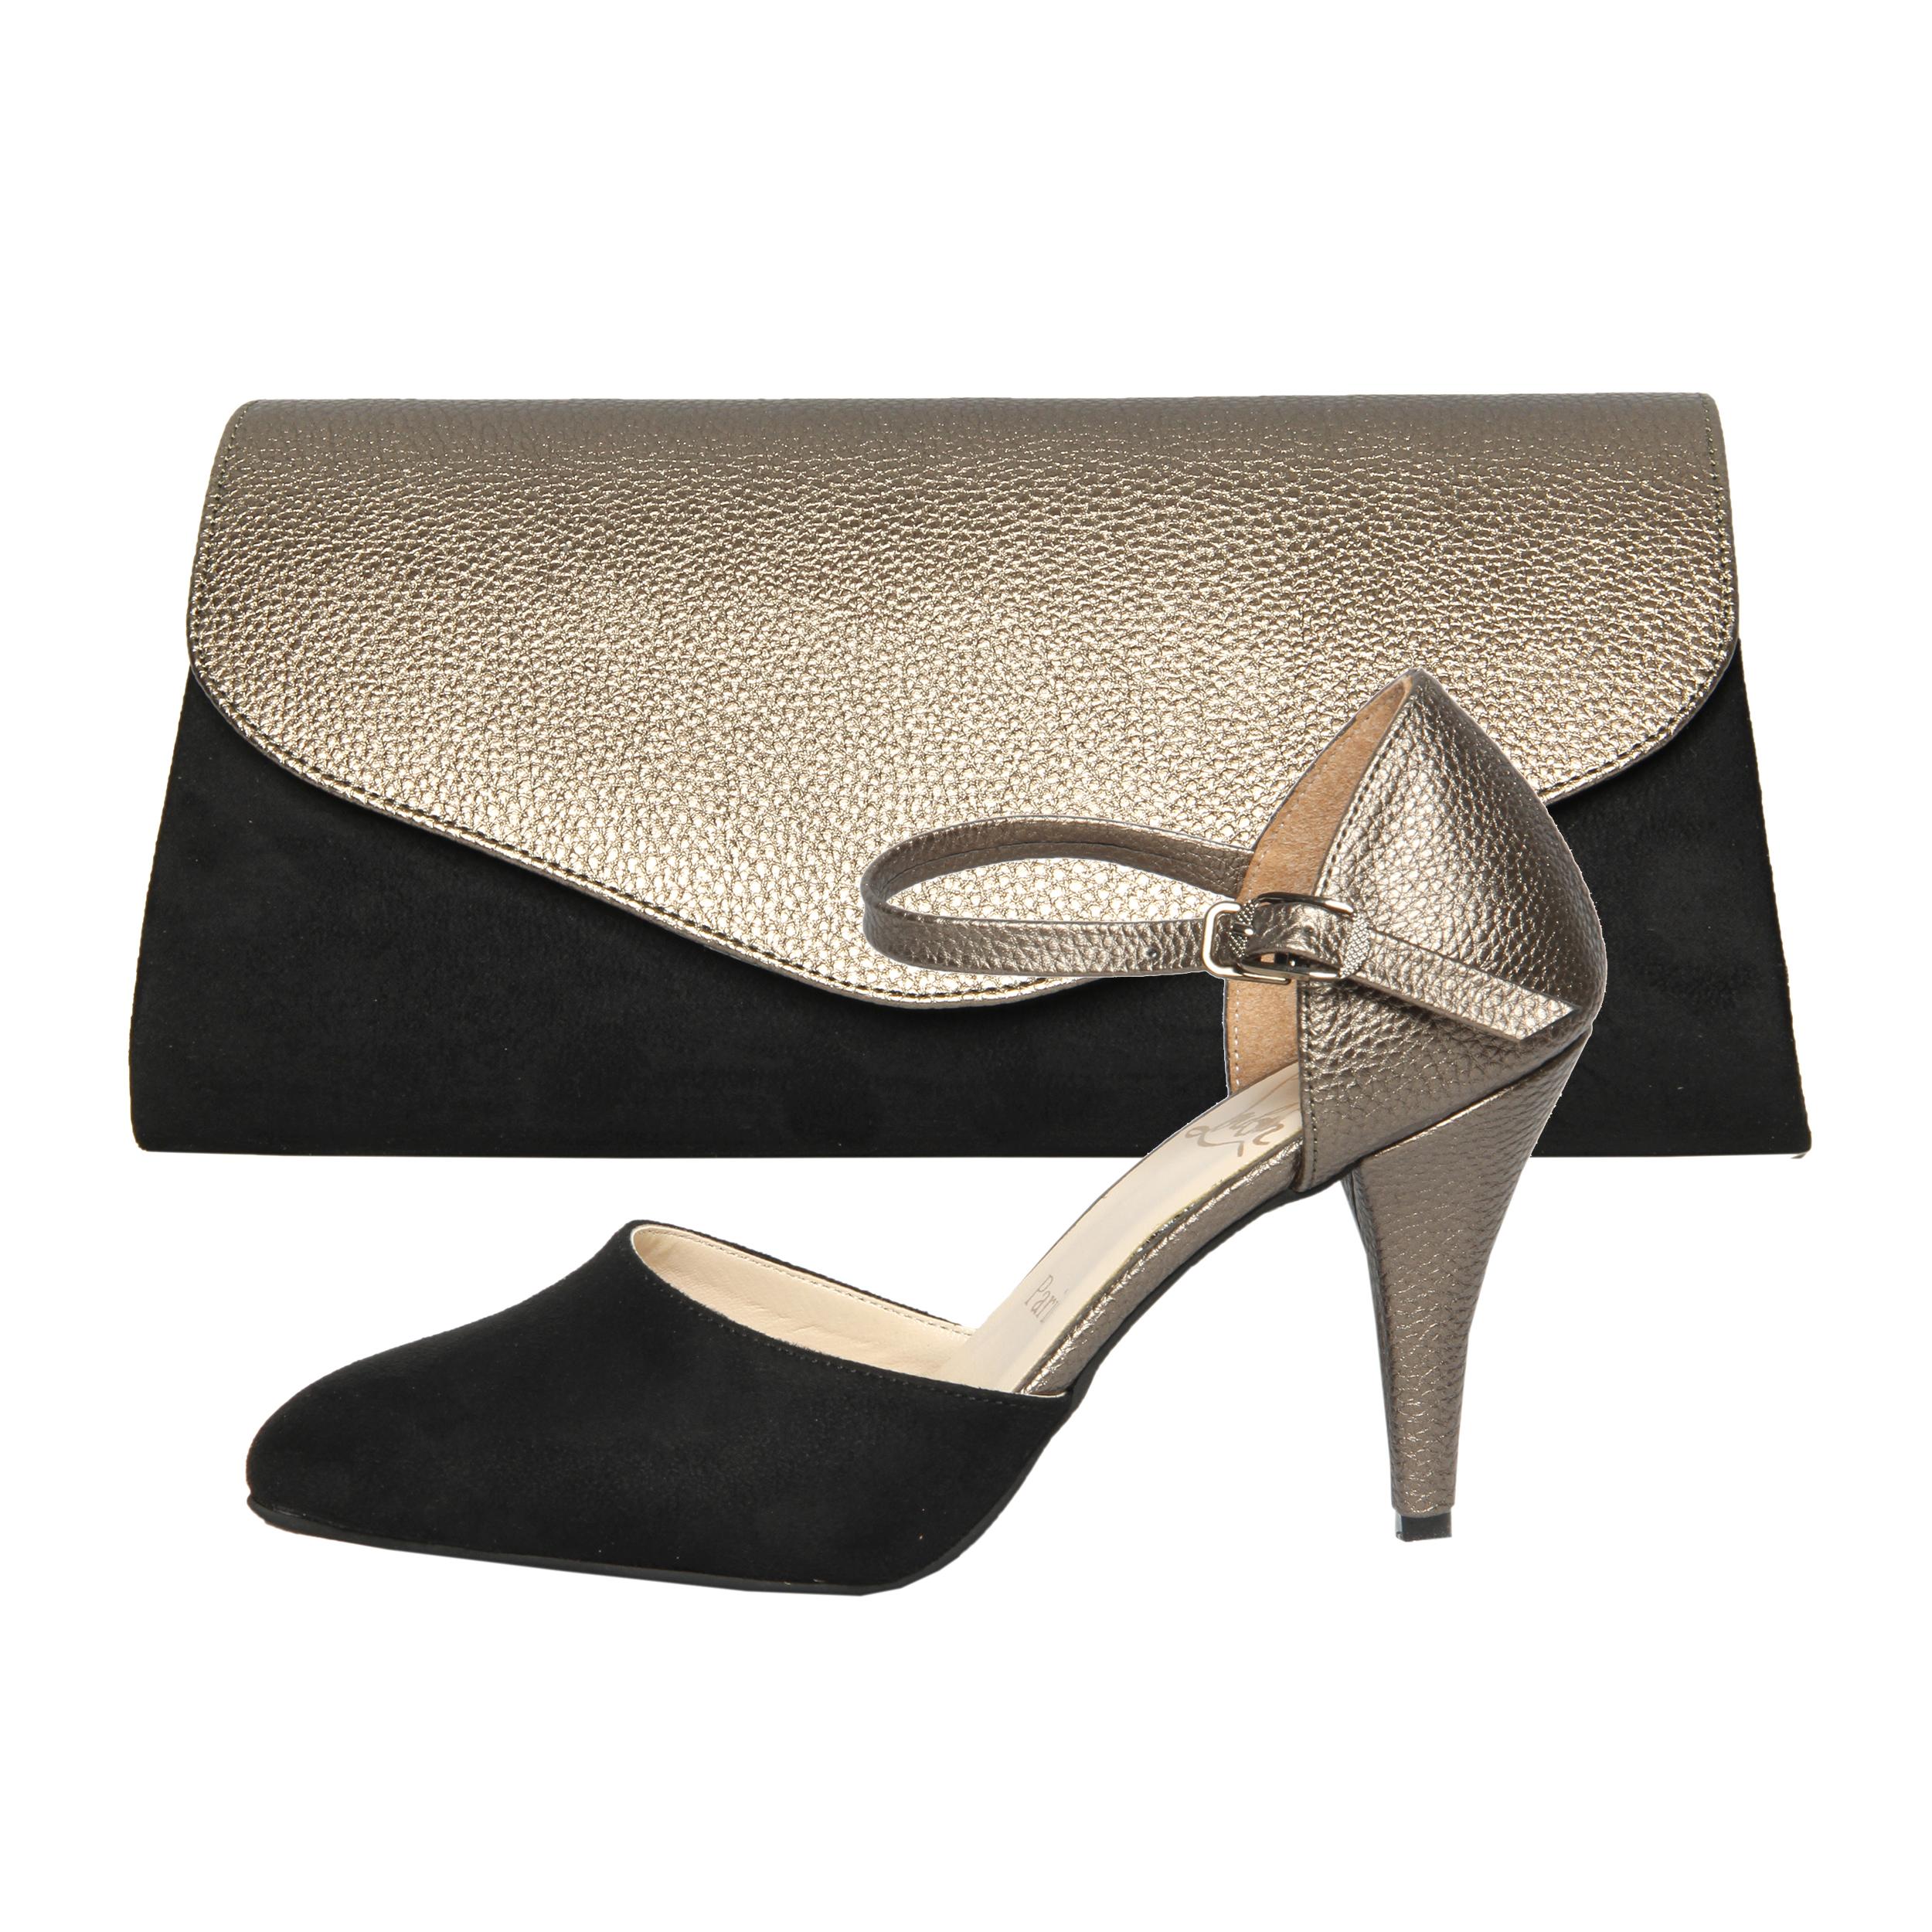 ست کیف و کفش زنانه کد st470 رنگ پلاتینی